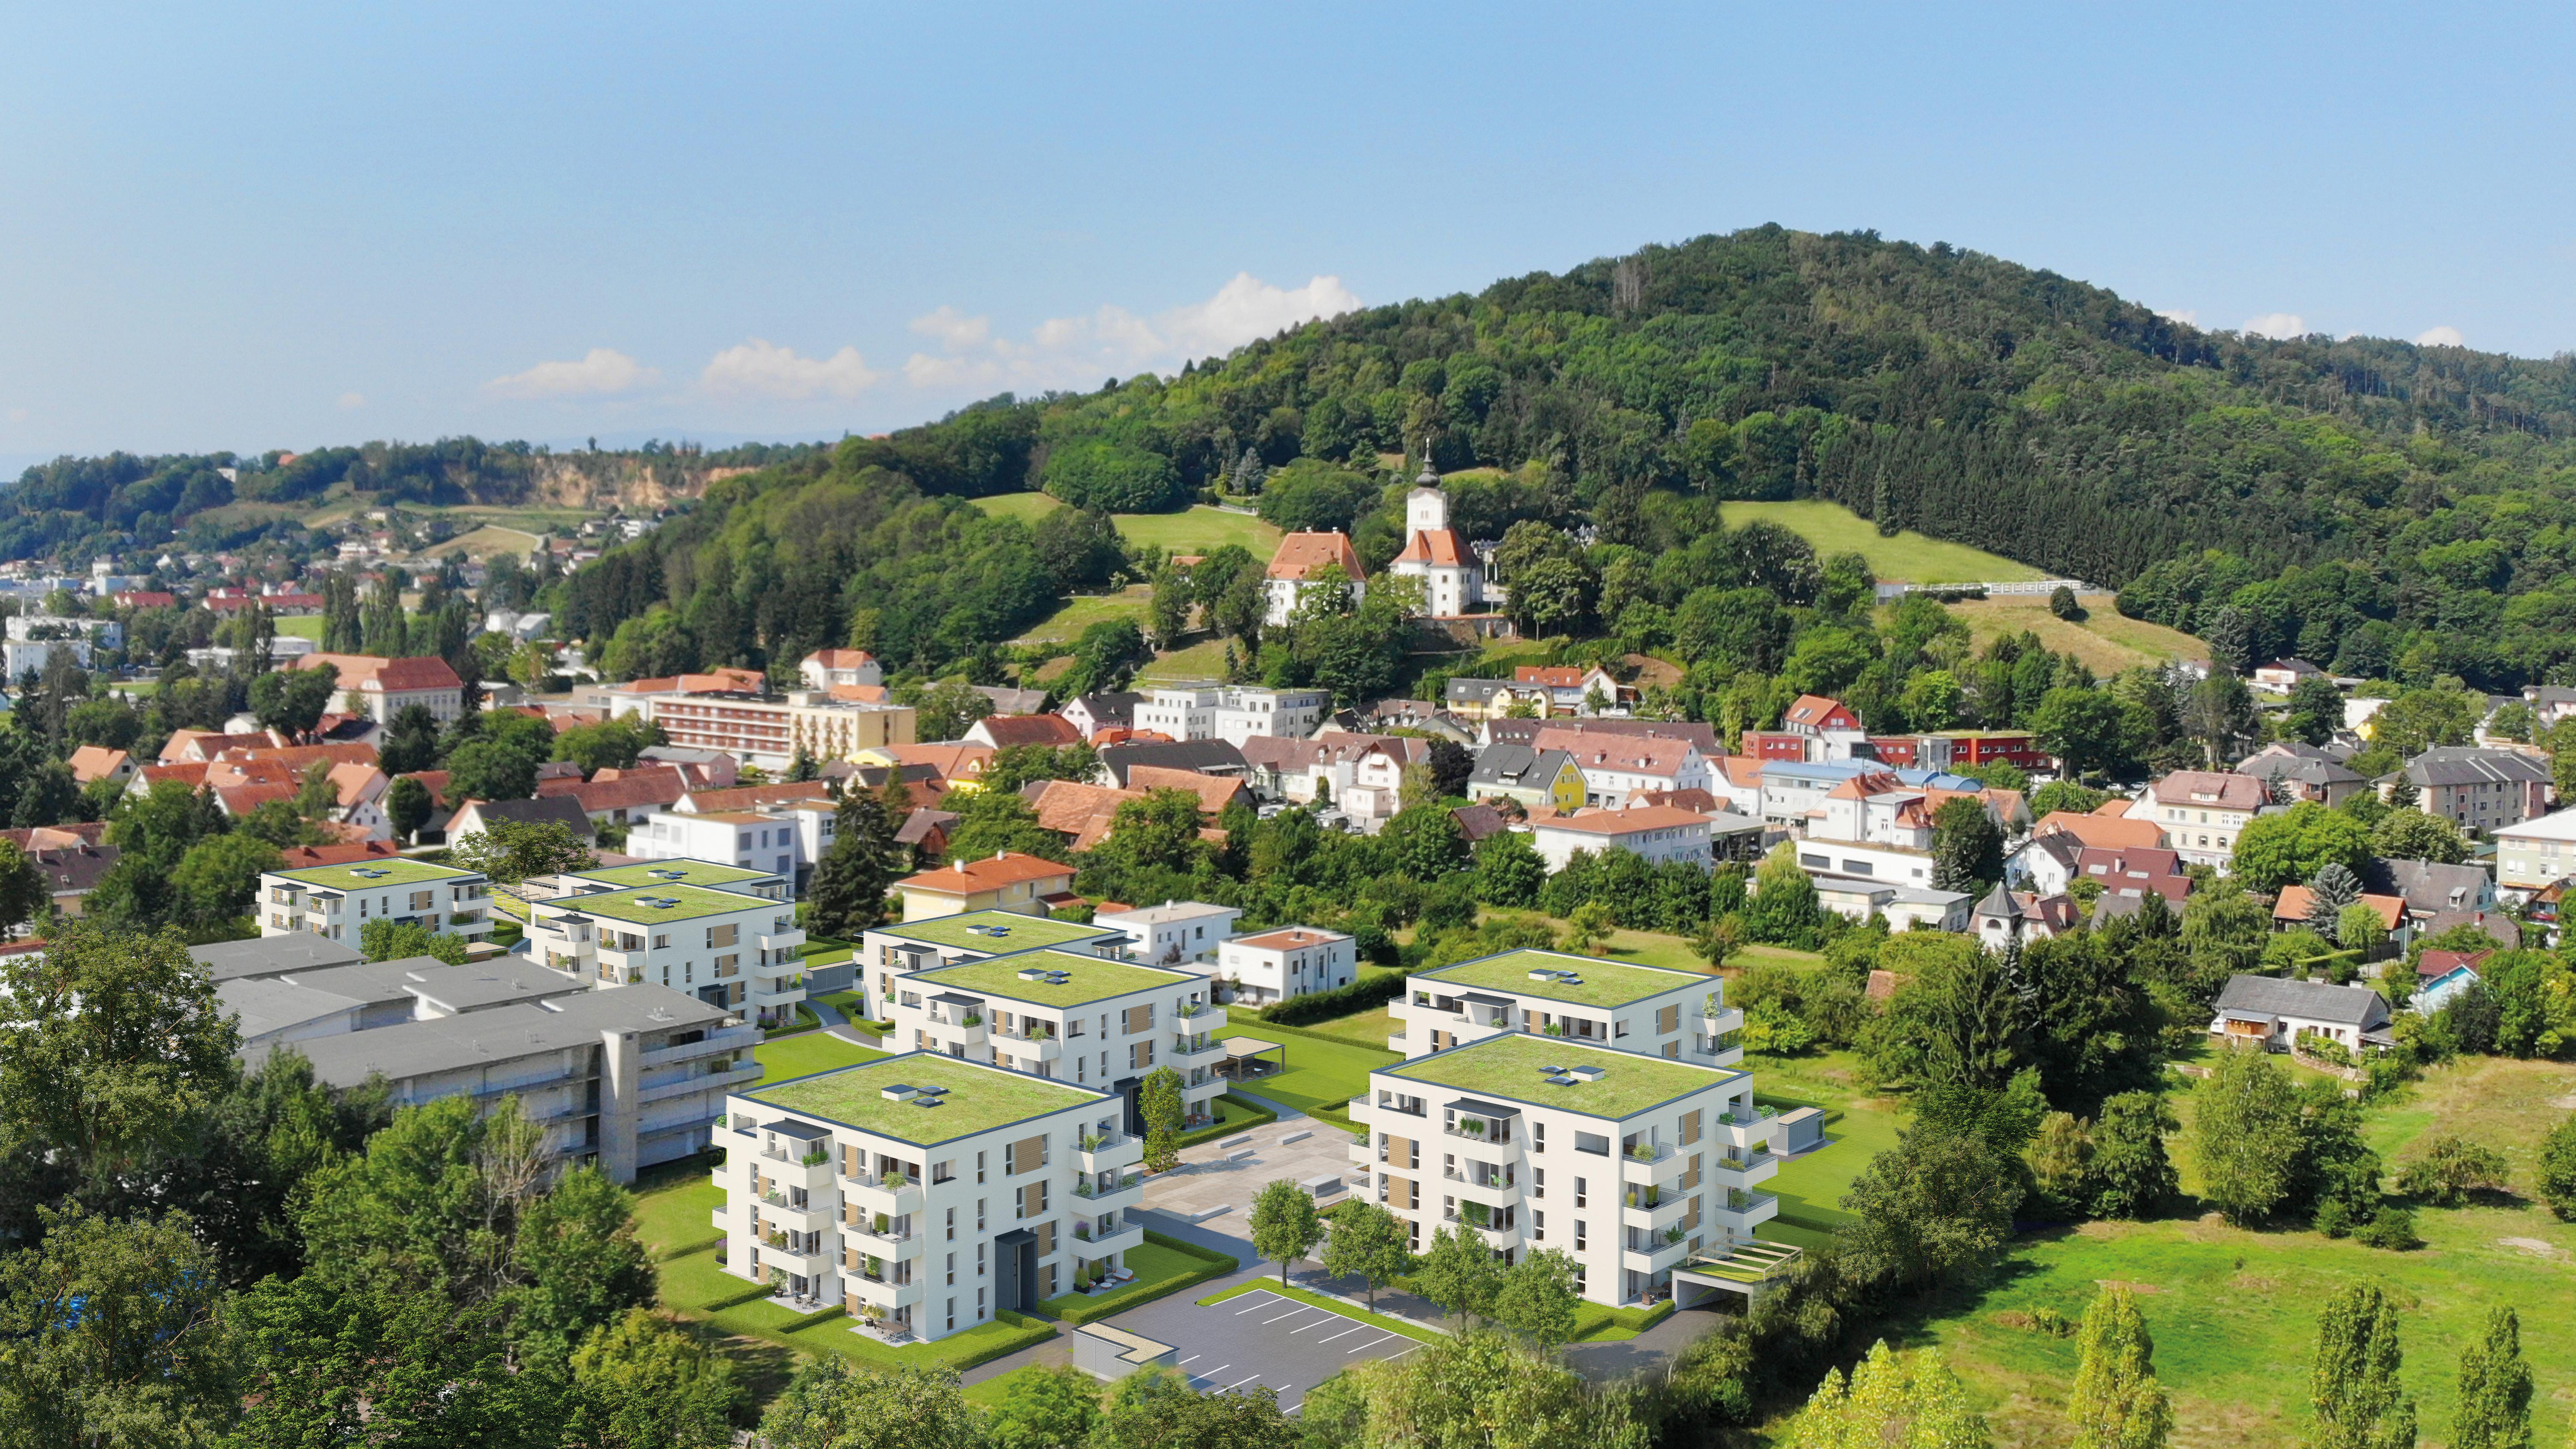 186 Grad | Wohnensemble Graz Süd